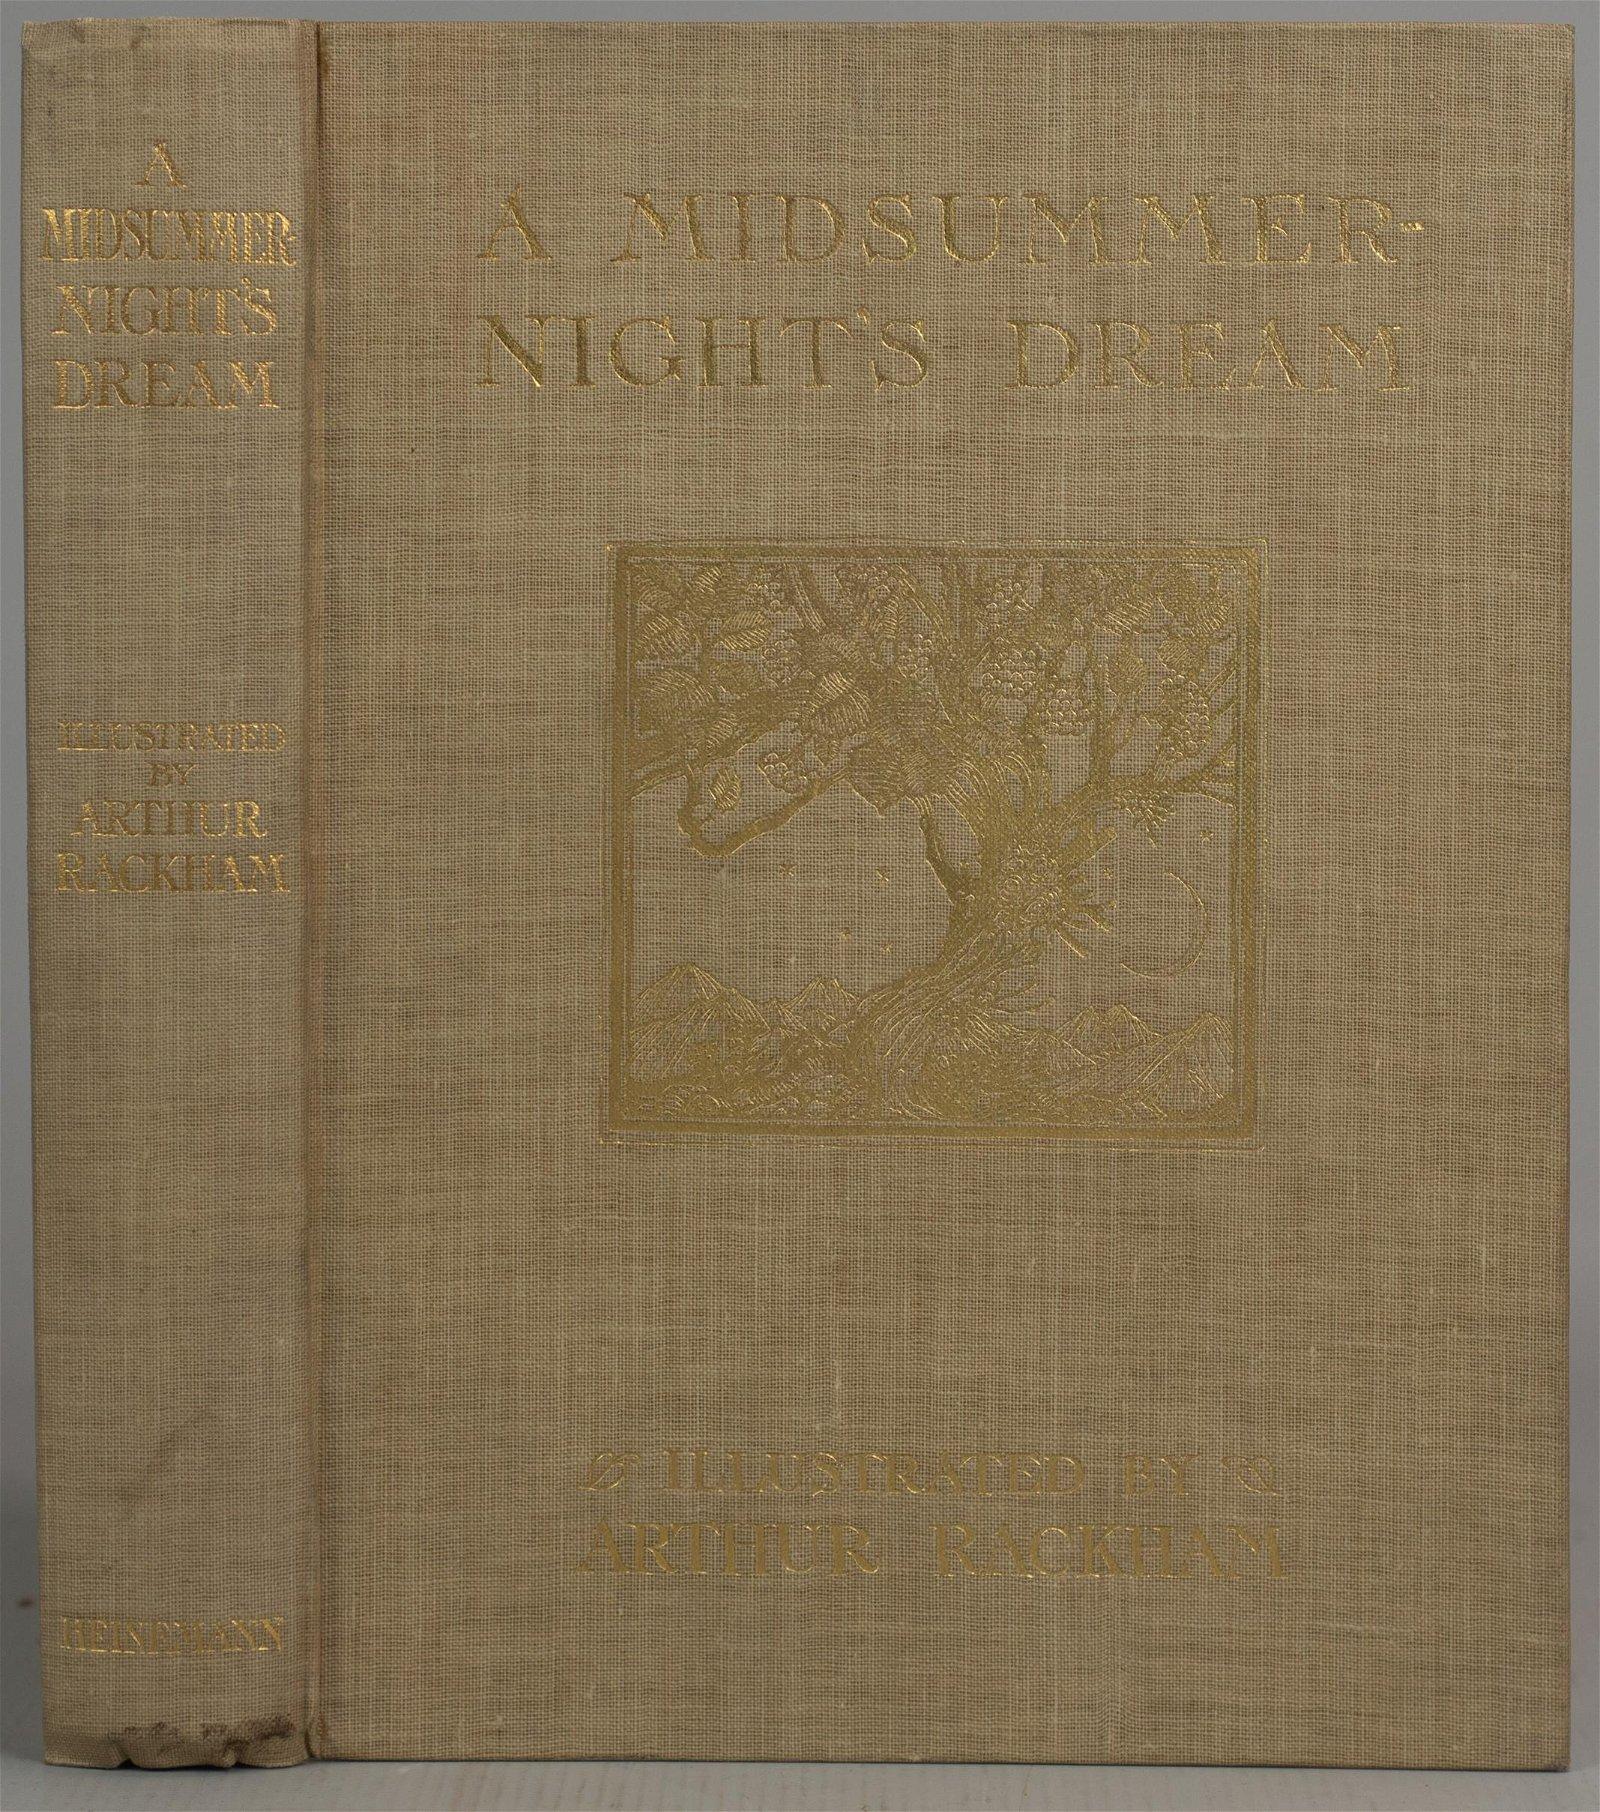 """Arthur Rackham, """"Midsummer Night's Dream"""""""